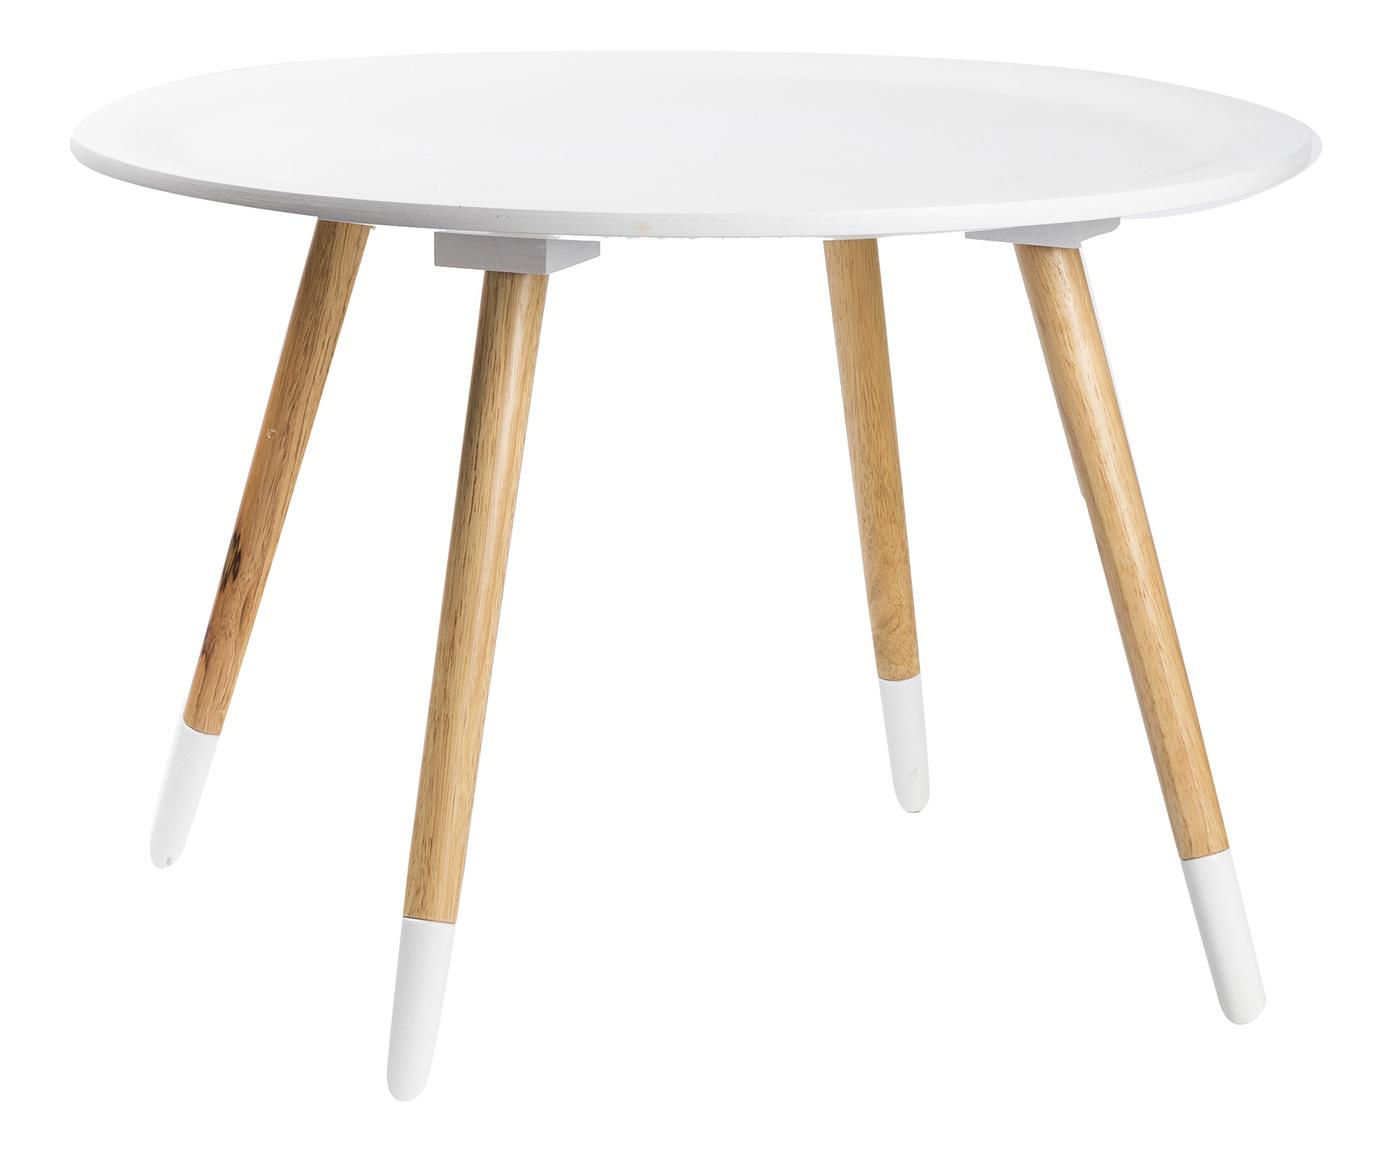 J tavolino medio in mdf laccato bianco piedi in legno